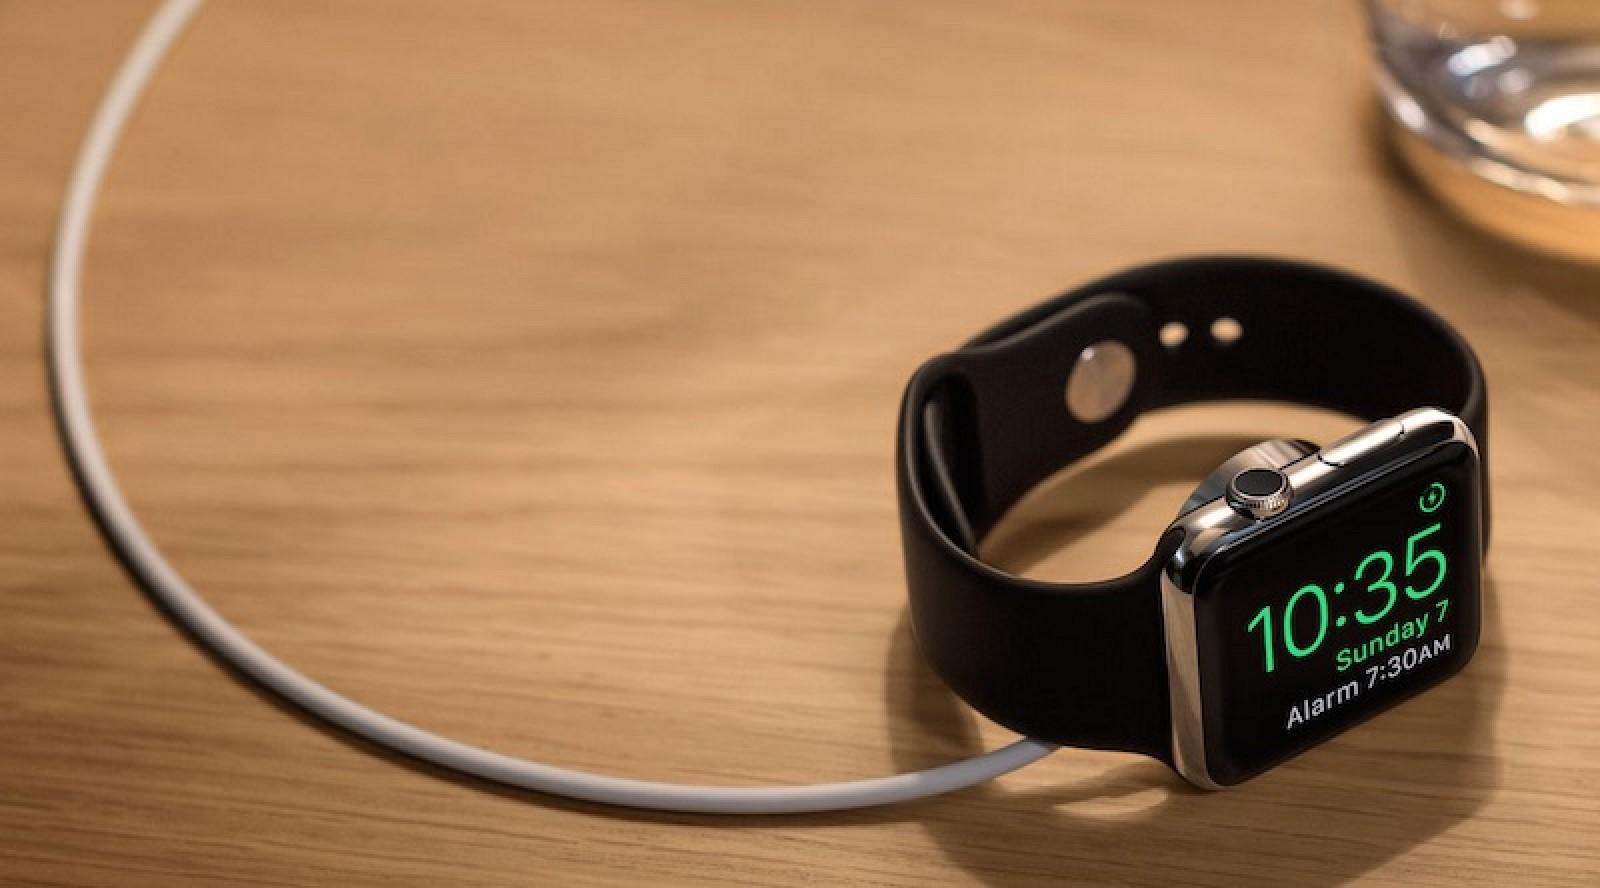 Apple lisab uuele watchOS-ile kiirust